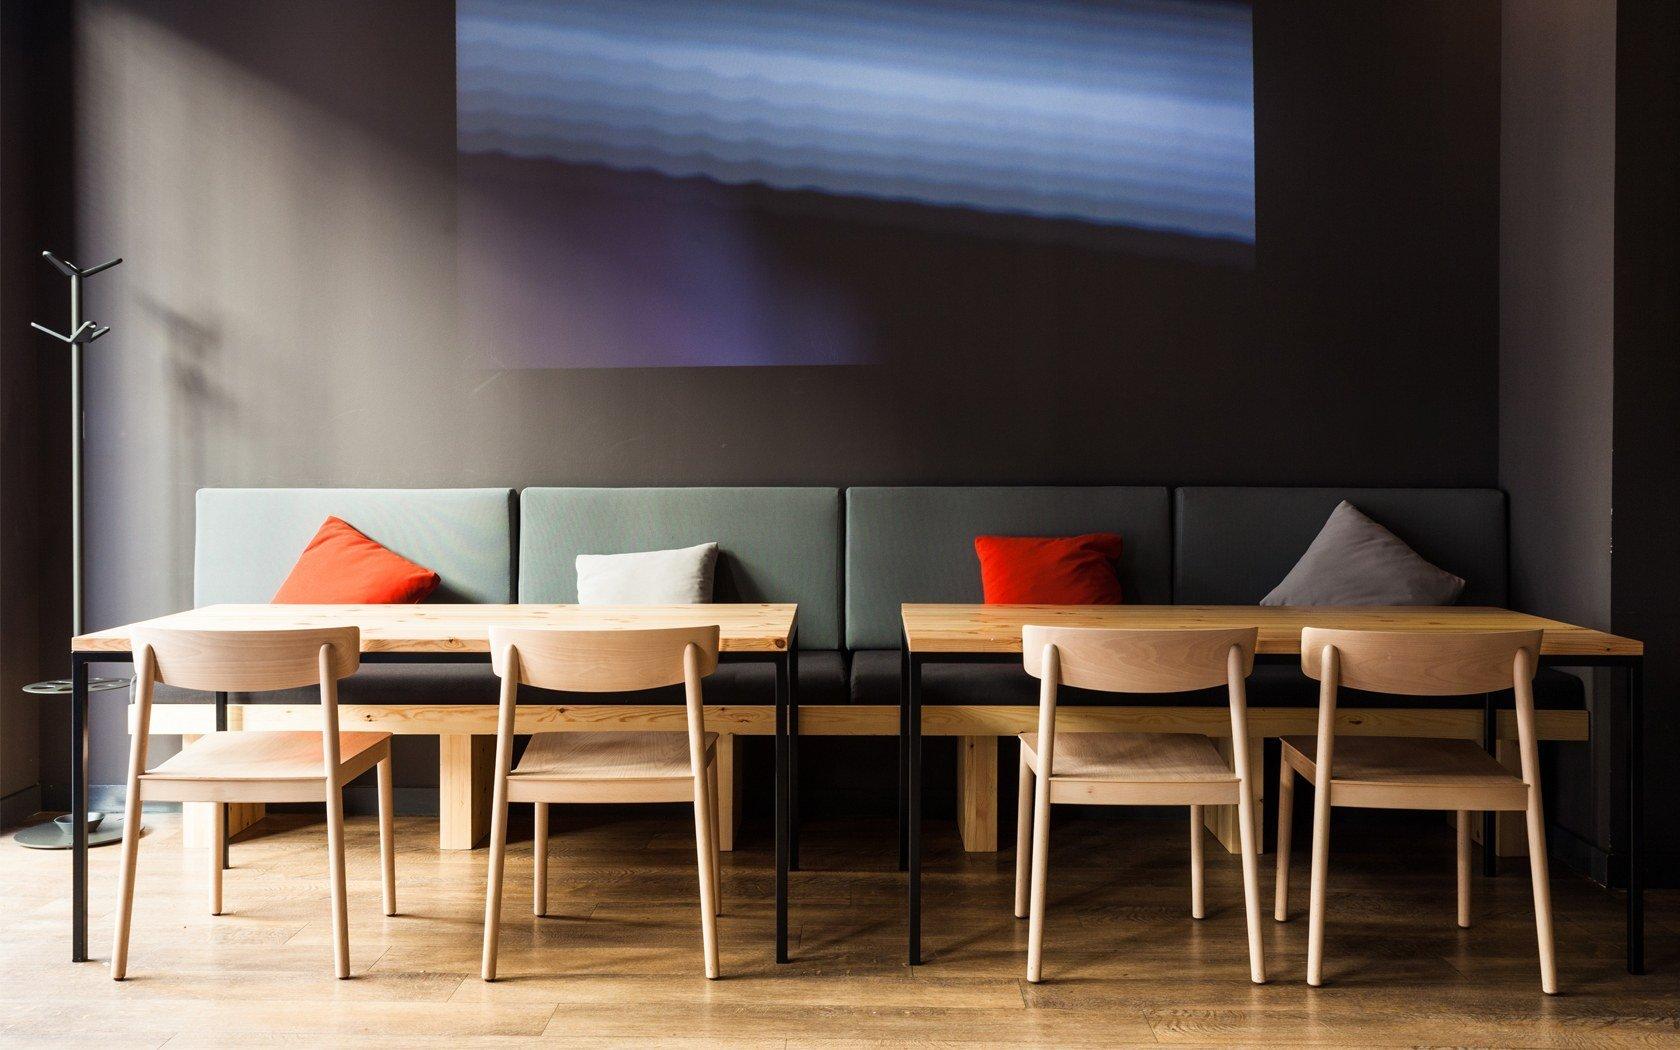 El mobiliario ideal para tu negocio ofival - Mobiliario ideal ...